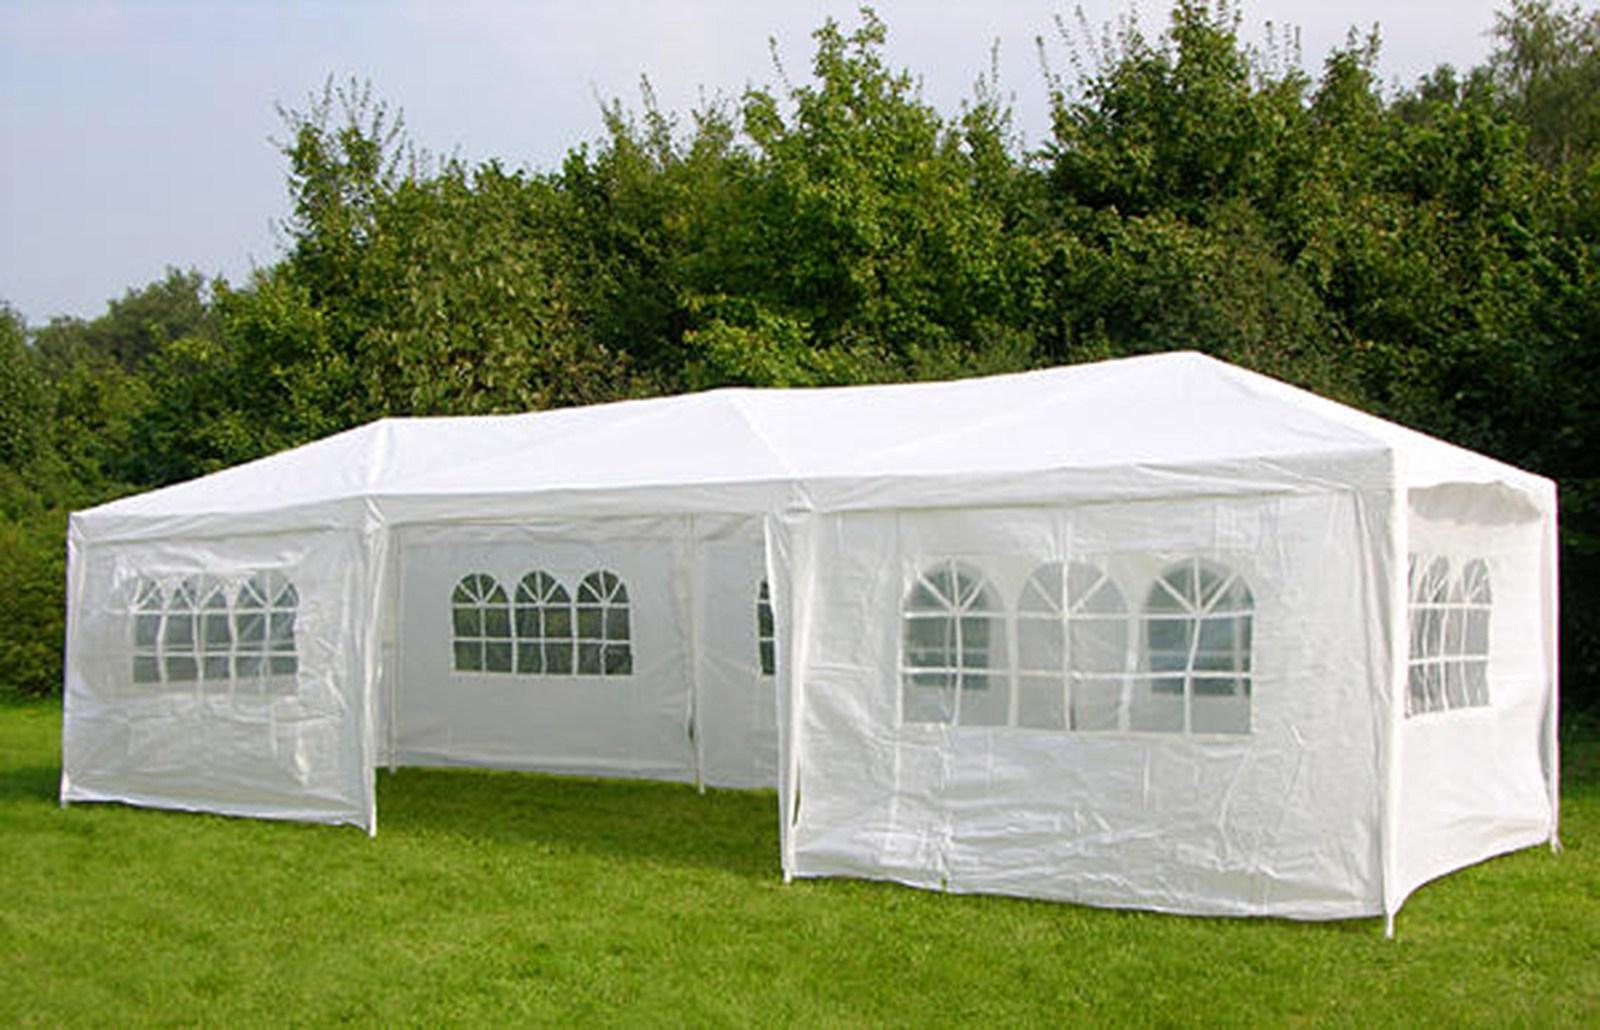 3M x 9M Waterproof Outdoor PE Garden Gazebo Canopy Party Wedding Tent Marquee UK